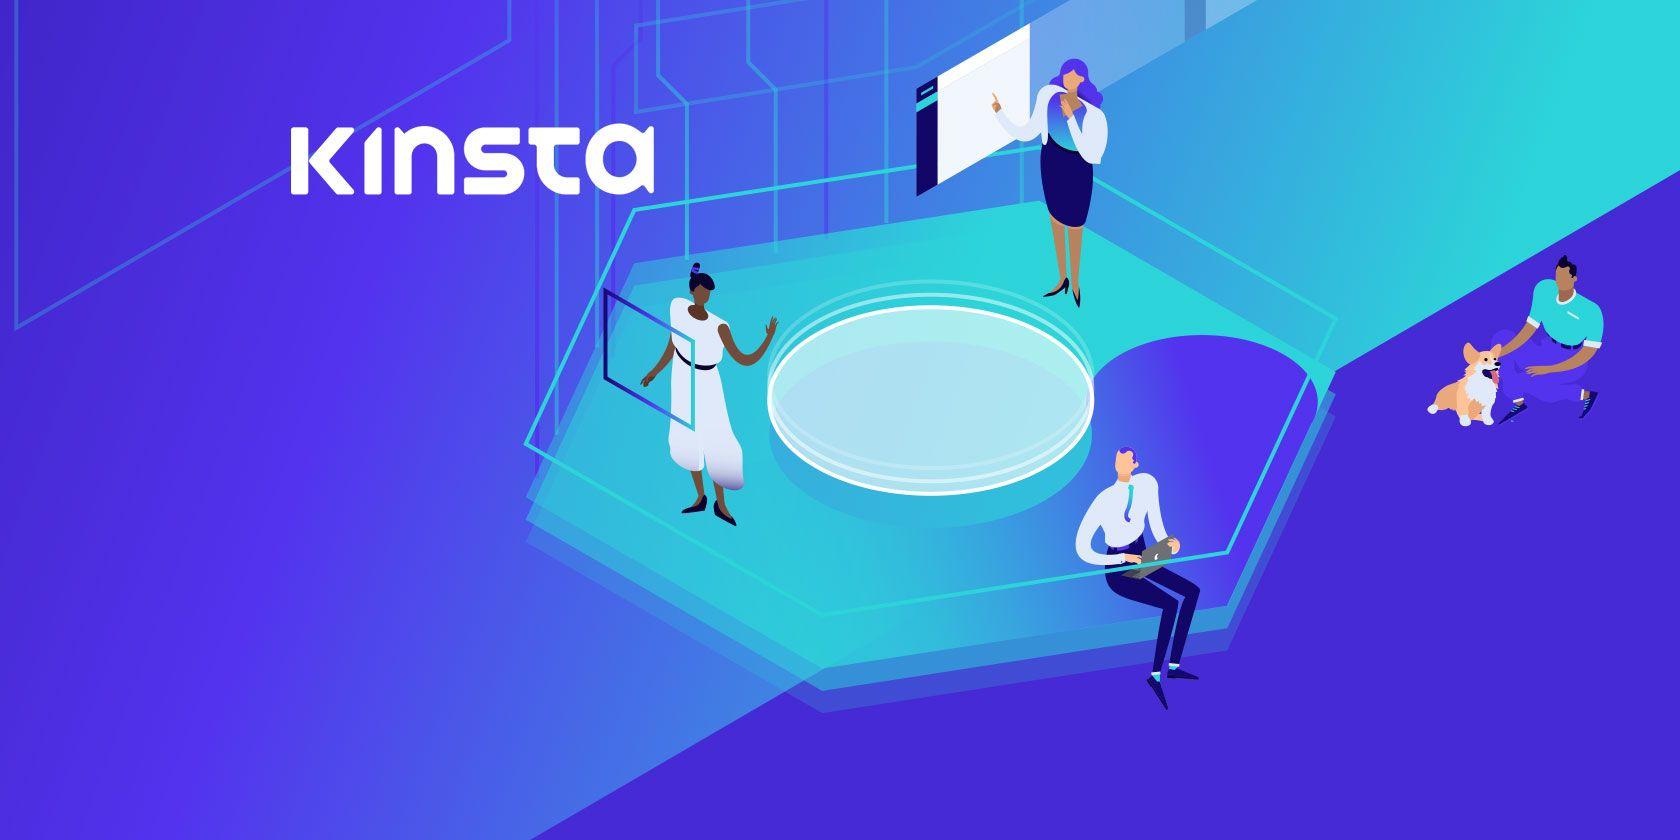 kinsta-hosting